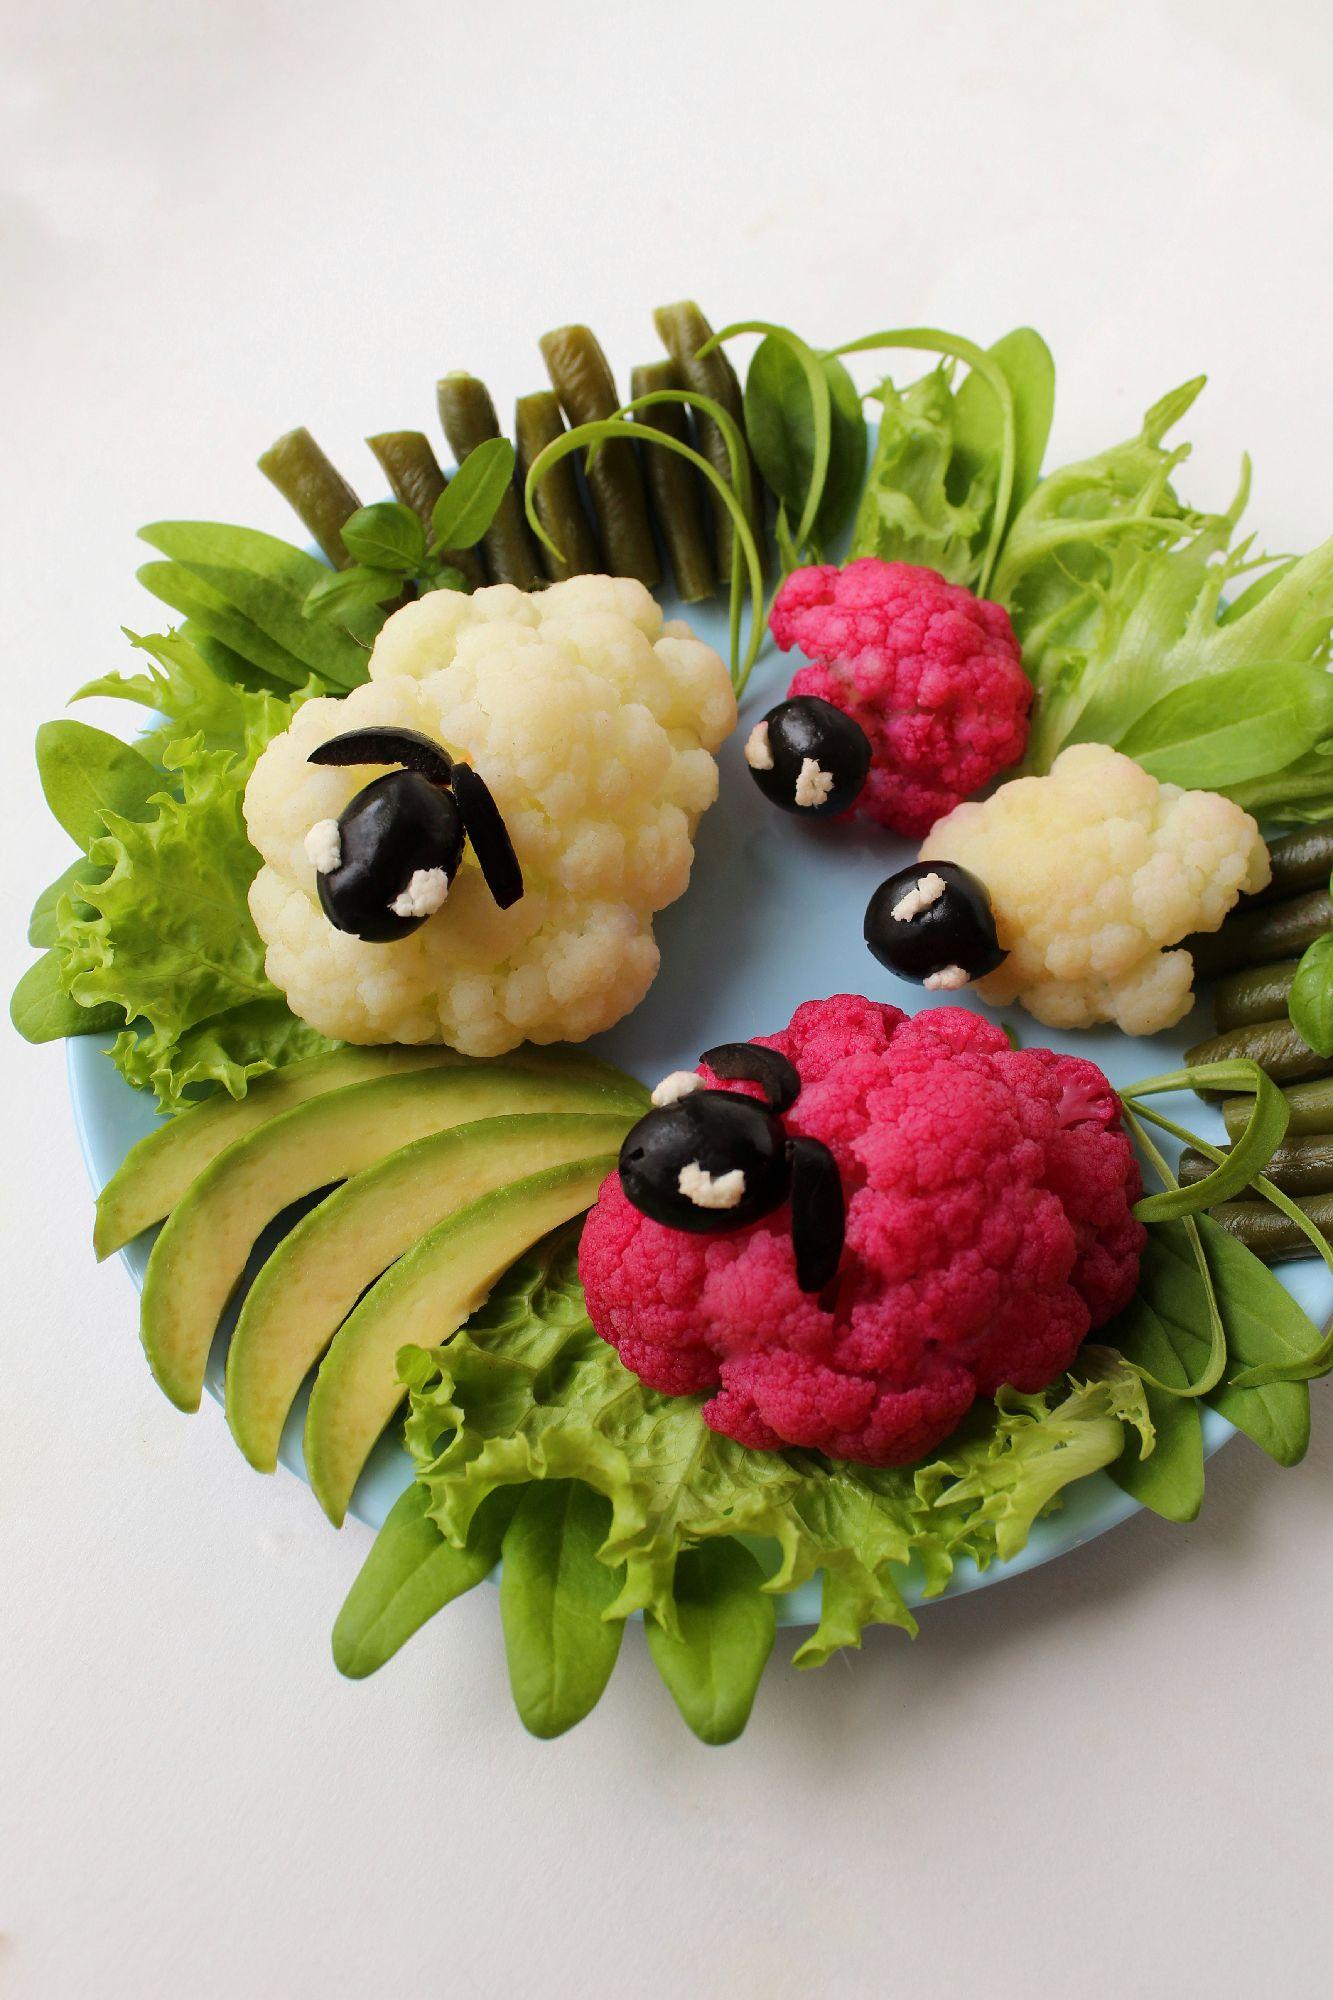 Вариант сервировки такого обычного овоща как цветная капуста для праздника или чтобы порадовать/привлечь к поеданию овощей ваших деток. Уверена, милые барашки не оставят равнодушным ни одного малоежку! Специально для #вкусныйавгуст я делюсь идеей, как раскрасить ваших барашков в яркий розовый цвет. Я отварила на пару 150г цветной капусты, предварительно разделив на самые привлекательные и устойчивые соцветия. Для покраски я просто натерла свежую свеклу и отжала через марлю, получив много полезнейшего и ярчайшего сока, обмакнула в сок готовые соцветия и получила маму и дочь барашков.Для мордочек и ушек я взяла черные оливки без косточек, использовала капусту для декора глаз. Стручковая фасоль, авокадо, салат и молодой шпинат послужили имитацией загона и зеленых полей.